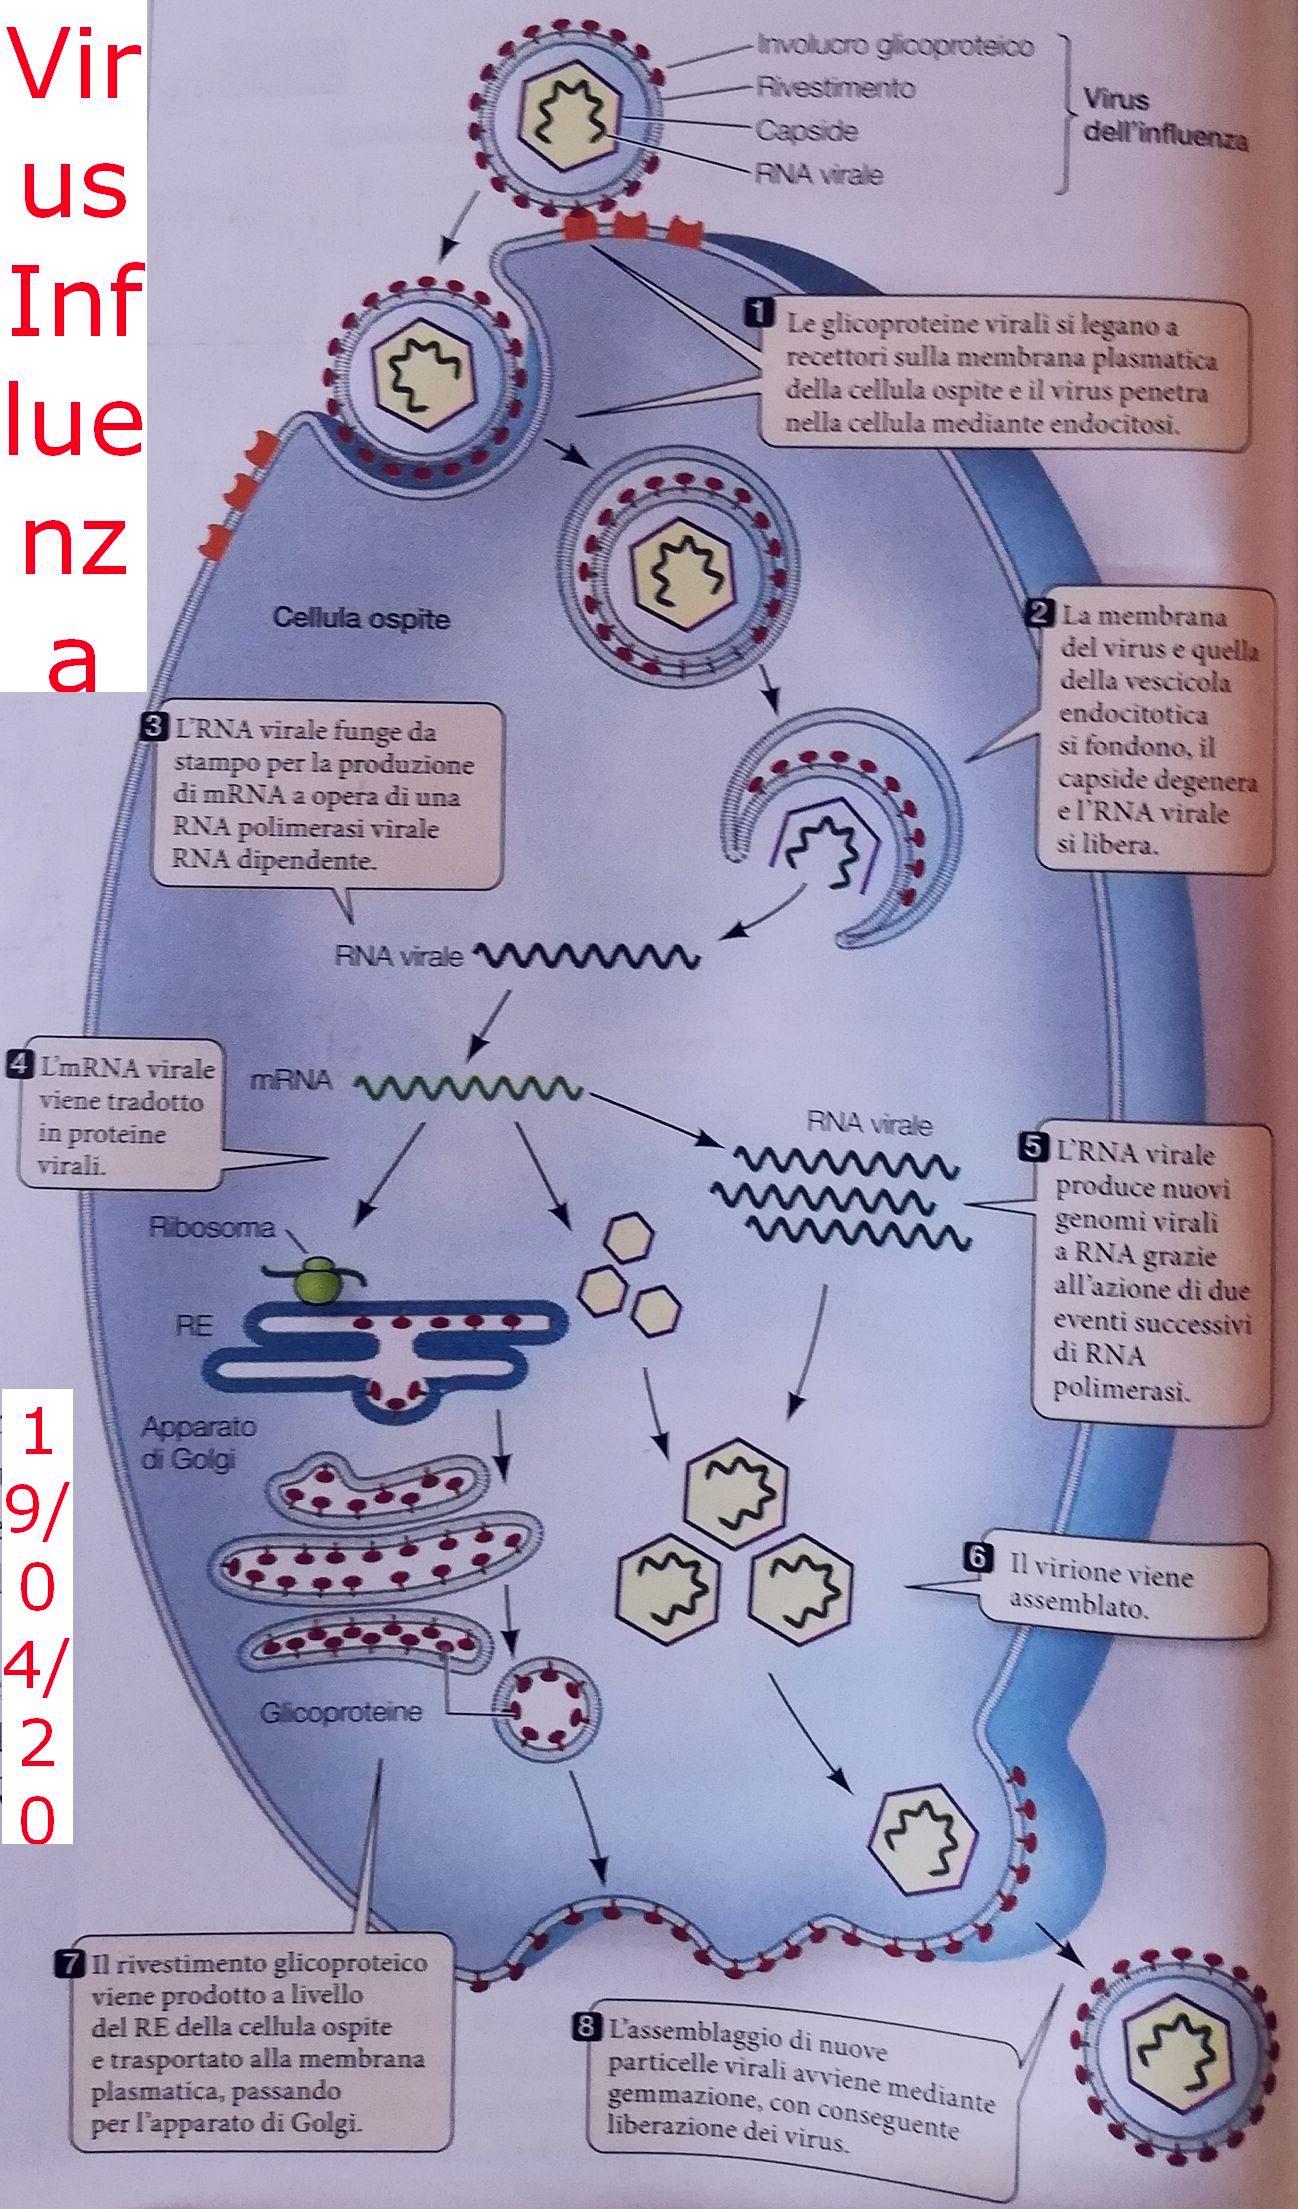 virus_influenzae